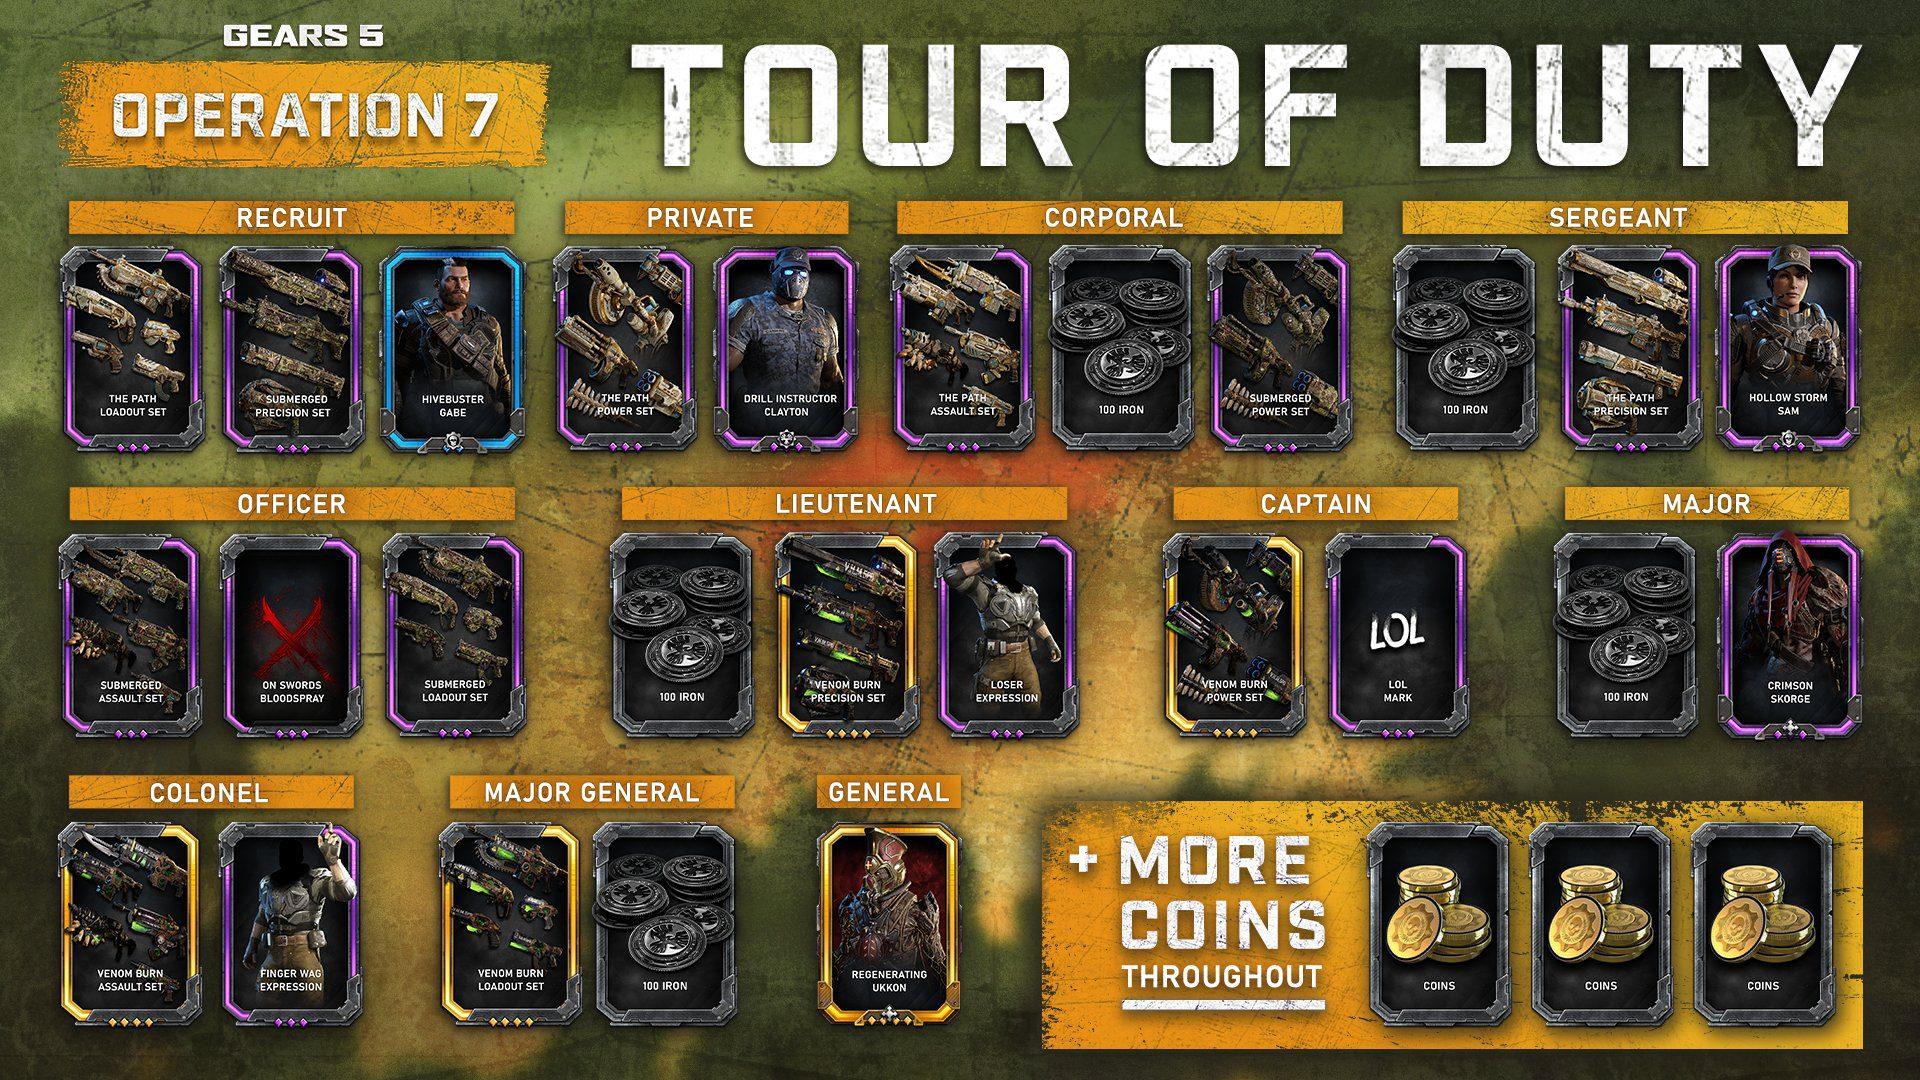 """Este es el Tour of Duty completo de la nueva """"Operación 7"""" de Gears 5 - The Coalition muestra todo el contenido gratuito a conseguir en el Tour of Duty de la """"Operación 7"""" de Gears 5."""